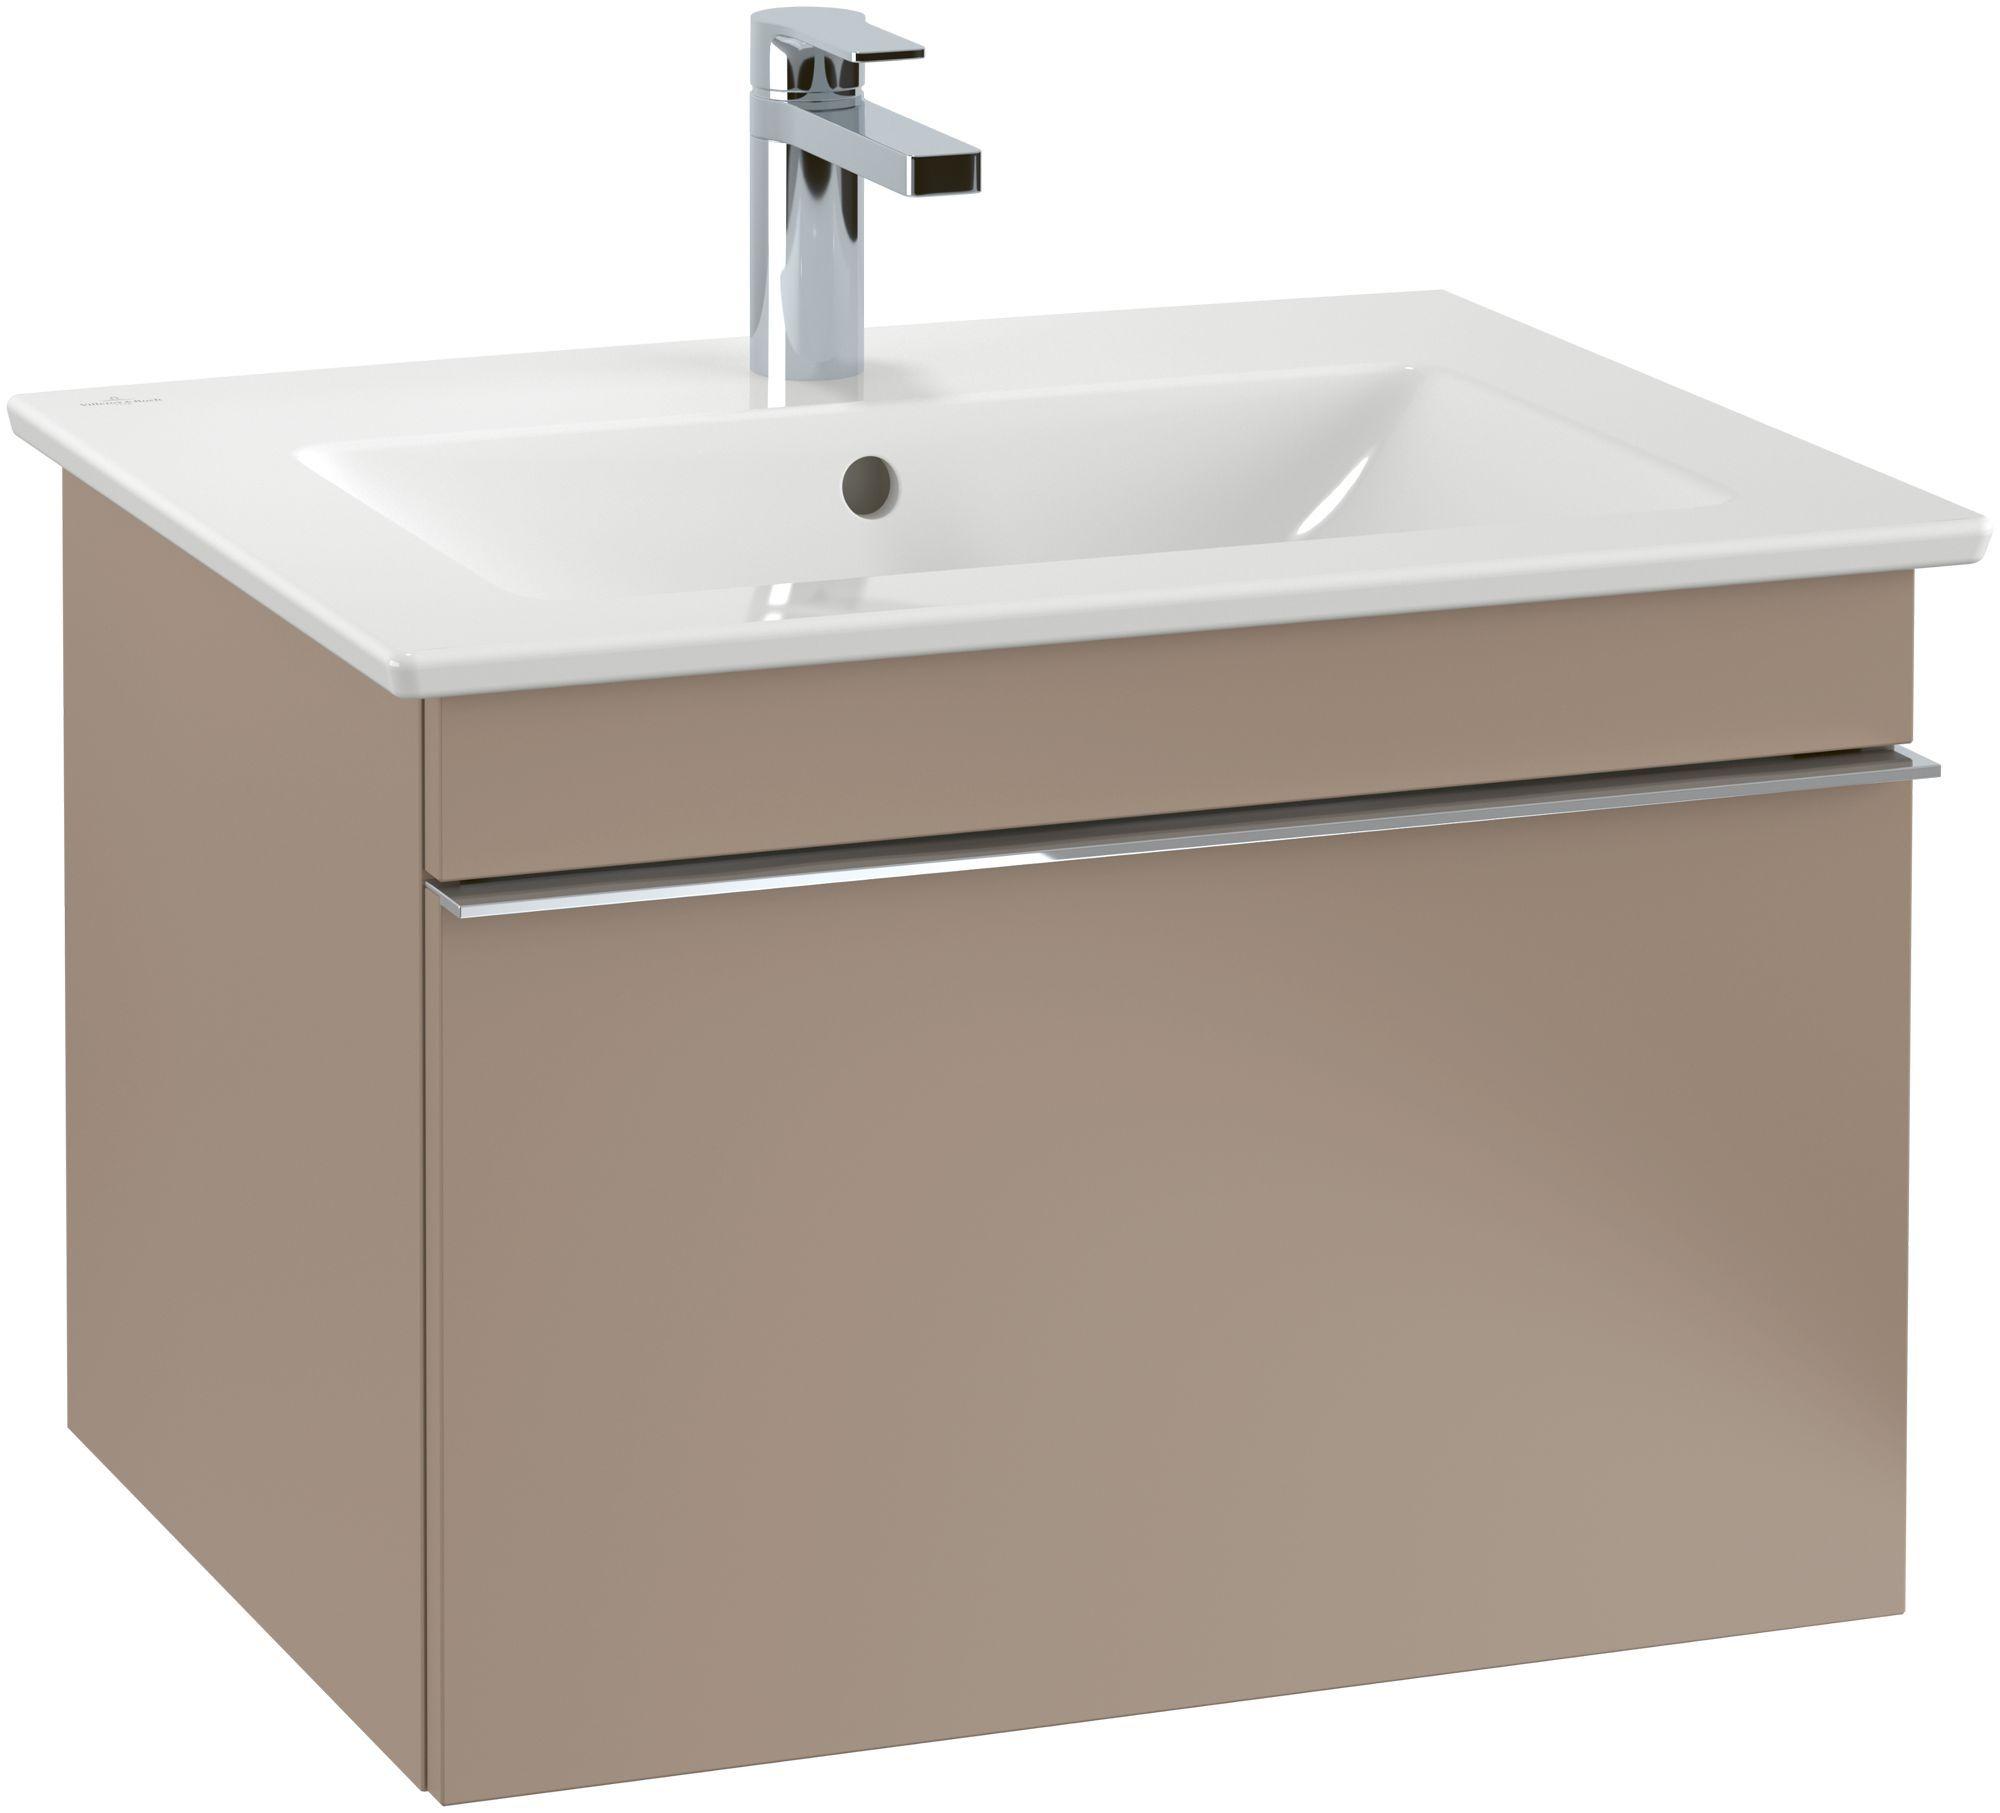 Villeroy & Boch Venticello Waschtisch B:65xT:50cm 1 Hahnloch mit Überlauf weiß mit Ceramicplus 412465R1